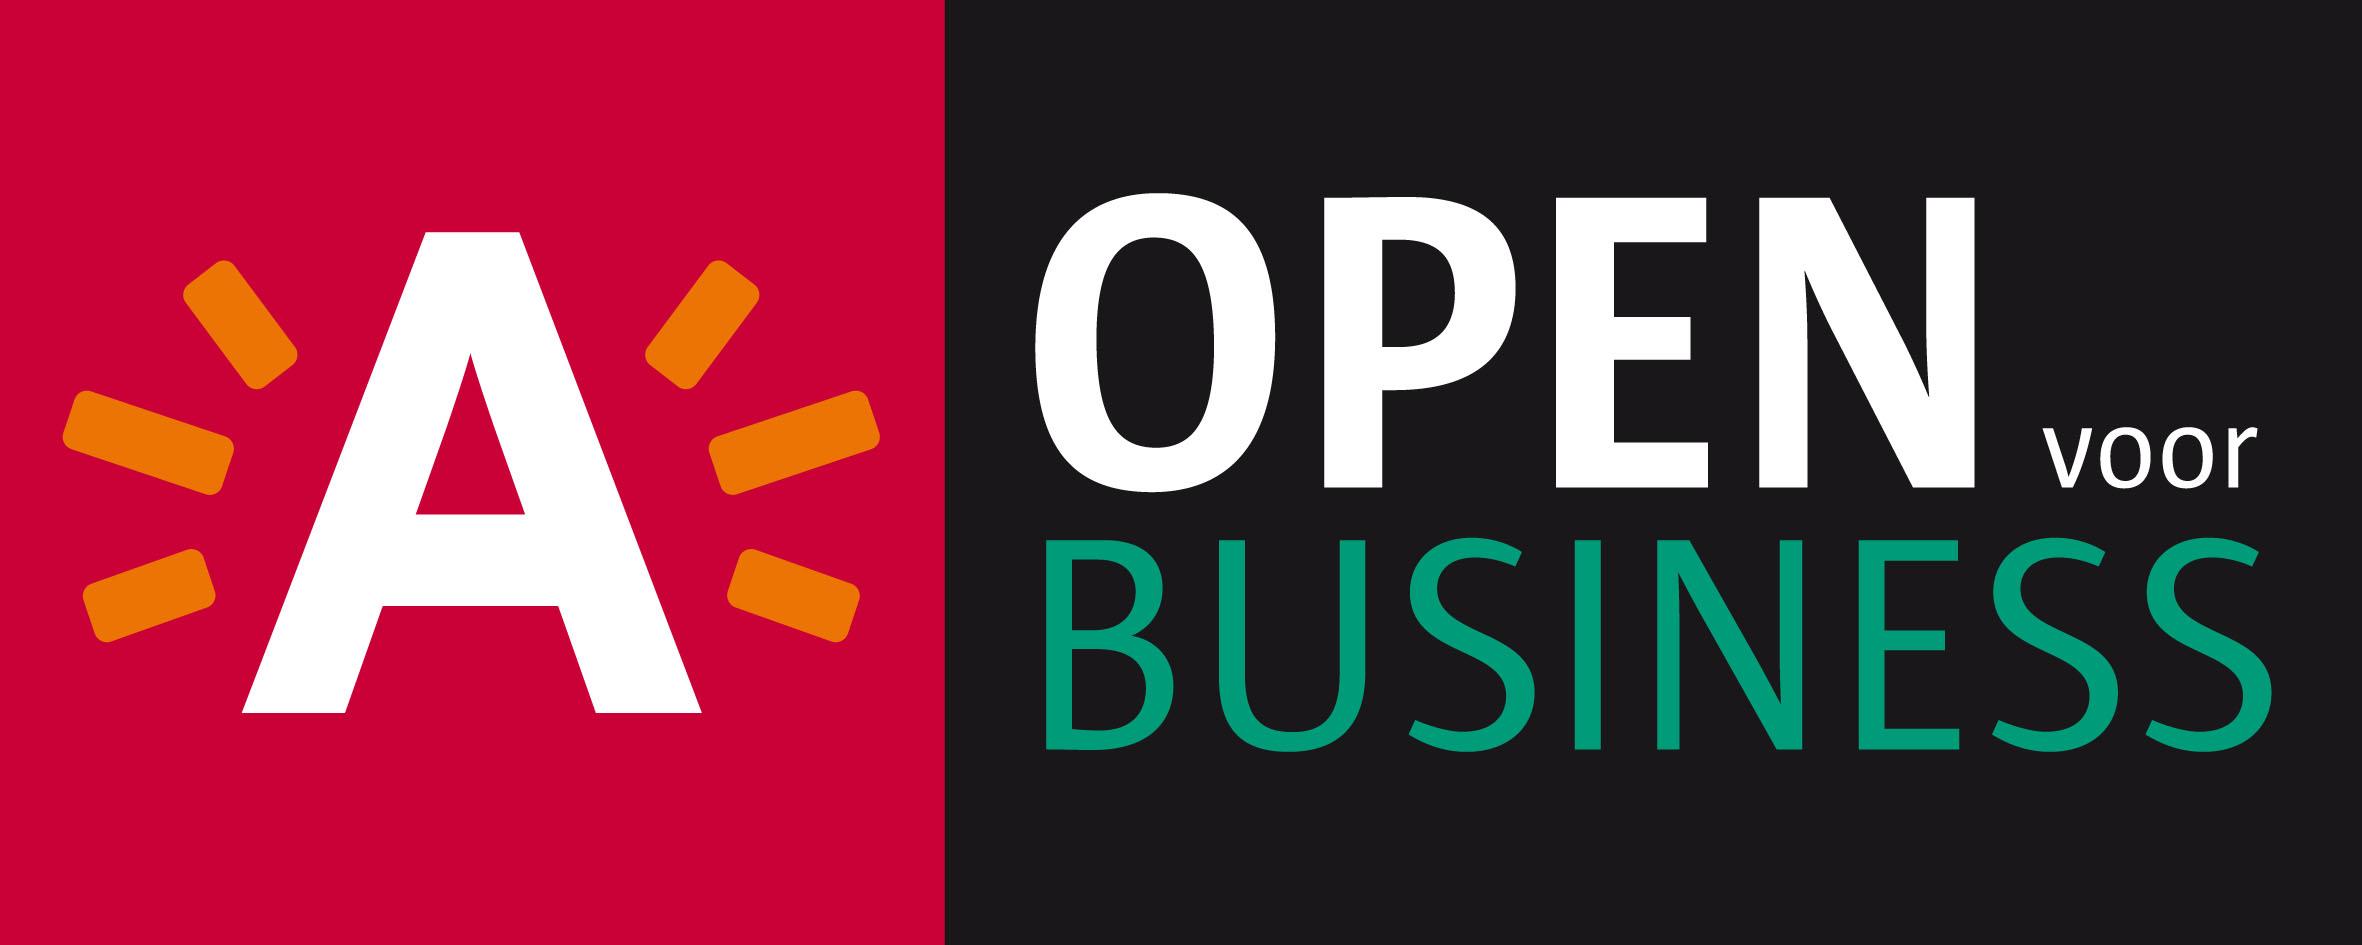 Sponsorlogo_Open_voor_Business_Zwart_CMYK.jpg